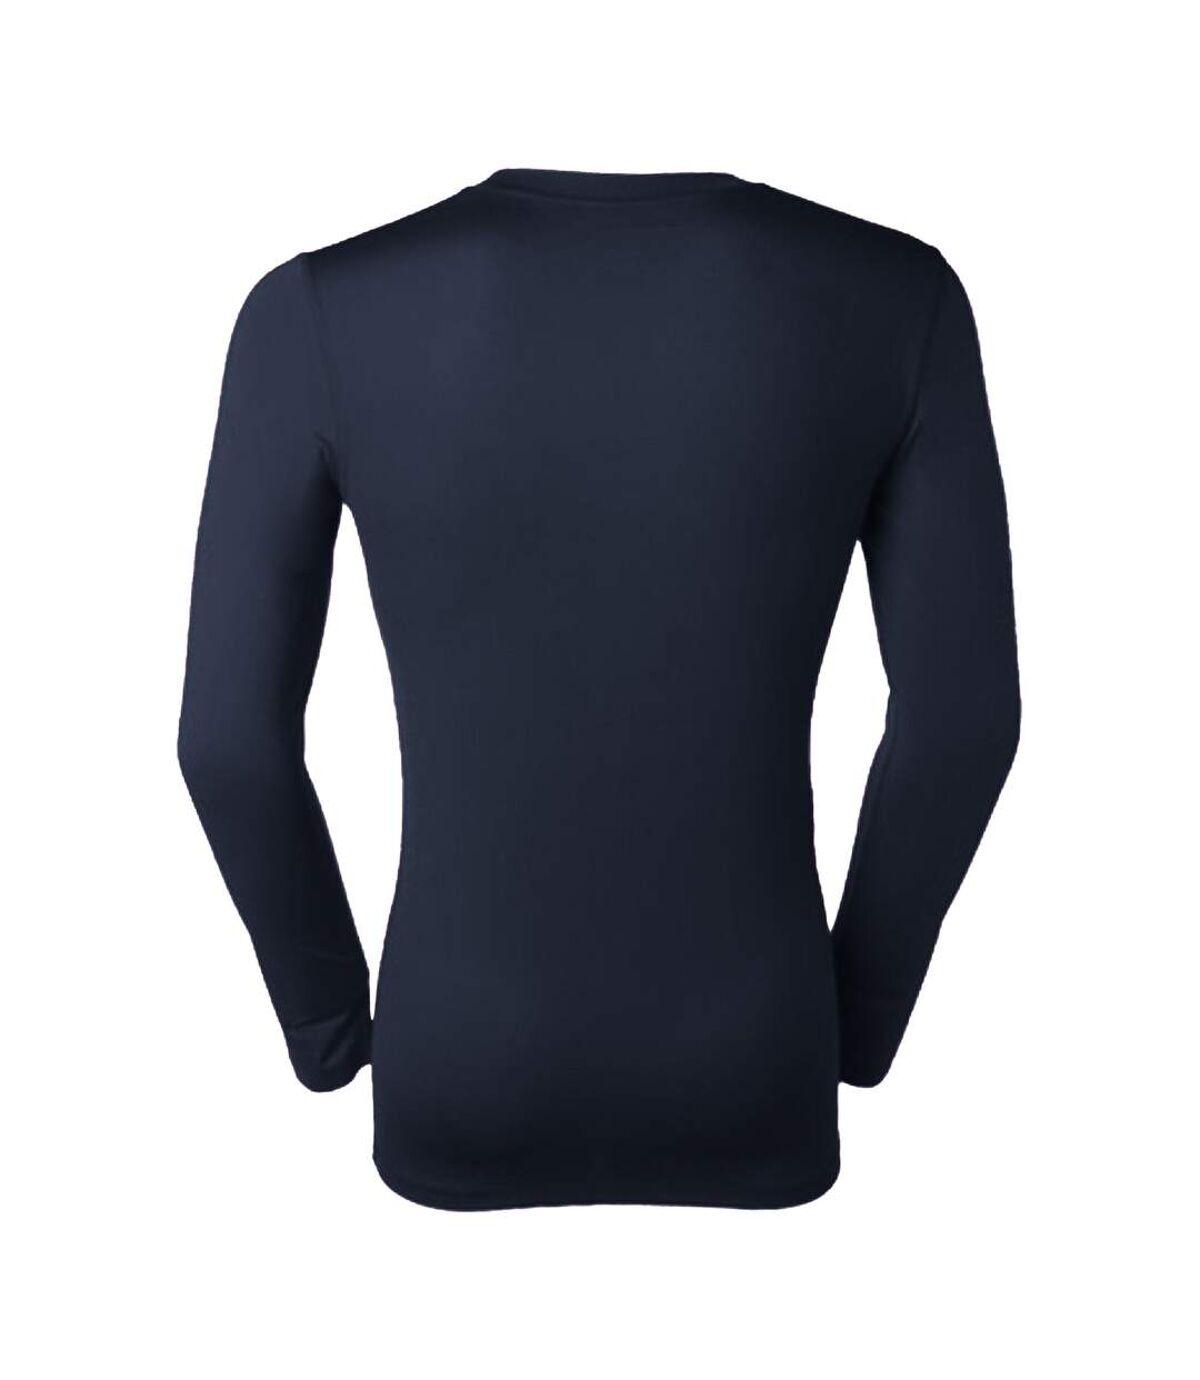 Gamegear® Warmtex - T-shirt thermique à manches longues - Homme (Blanc) - UTBC438